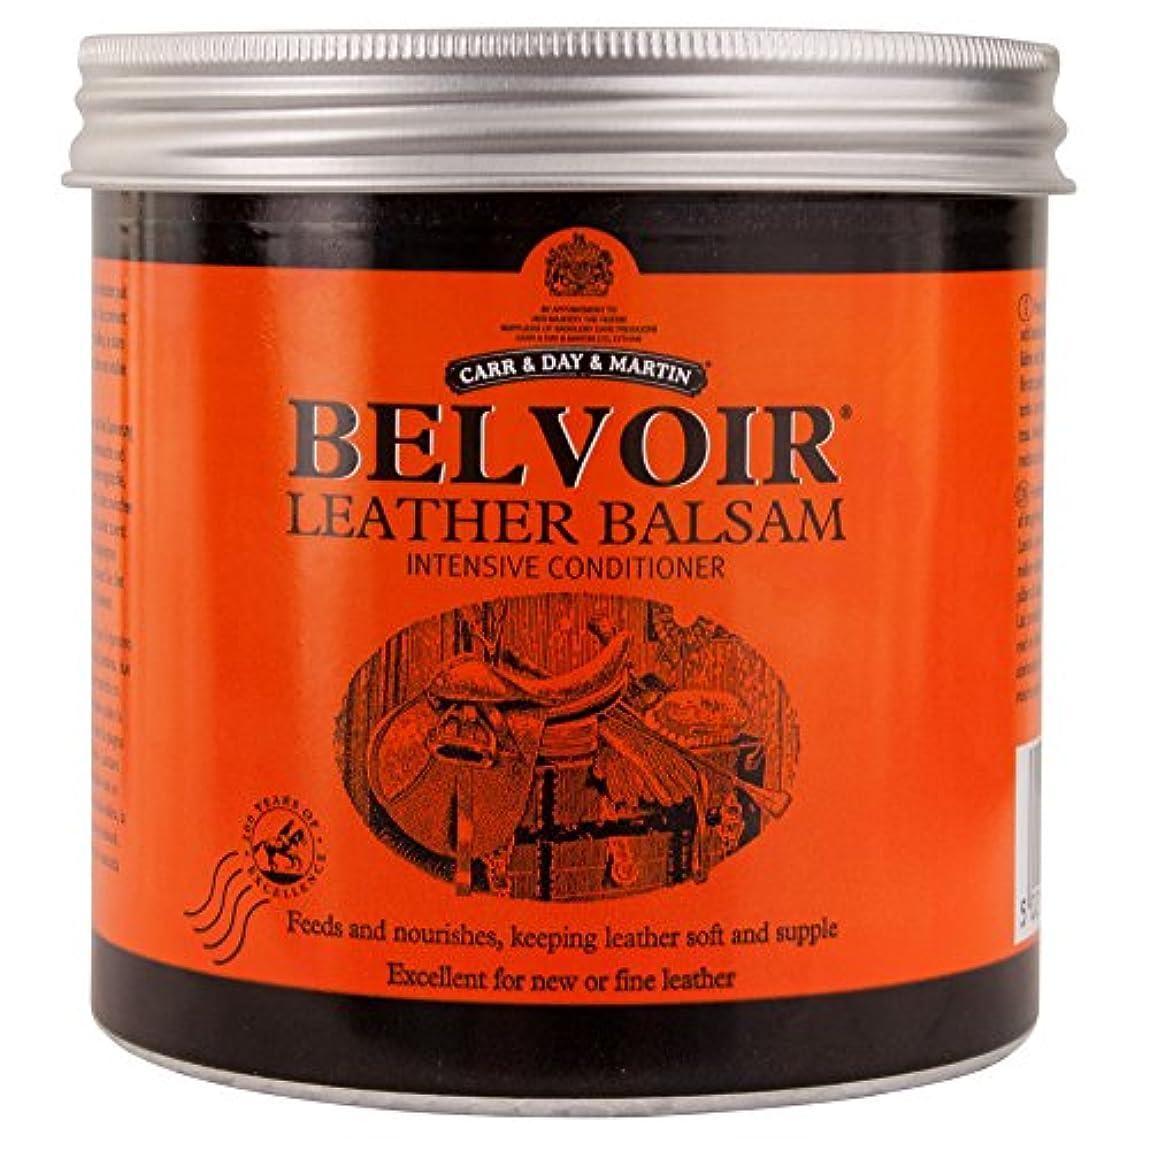 常識強盗スリッパCarr And Day And Martin Belvoir Leather Balsam Intensive Conditioner - Orange,